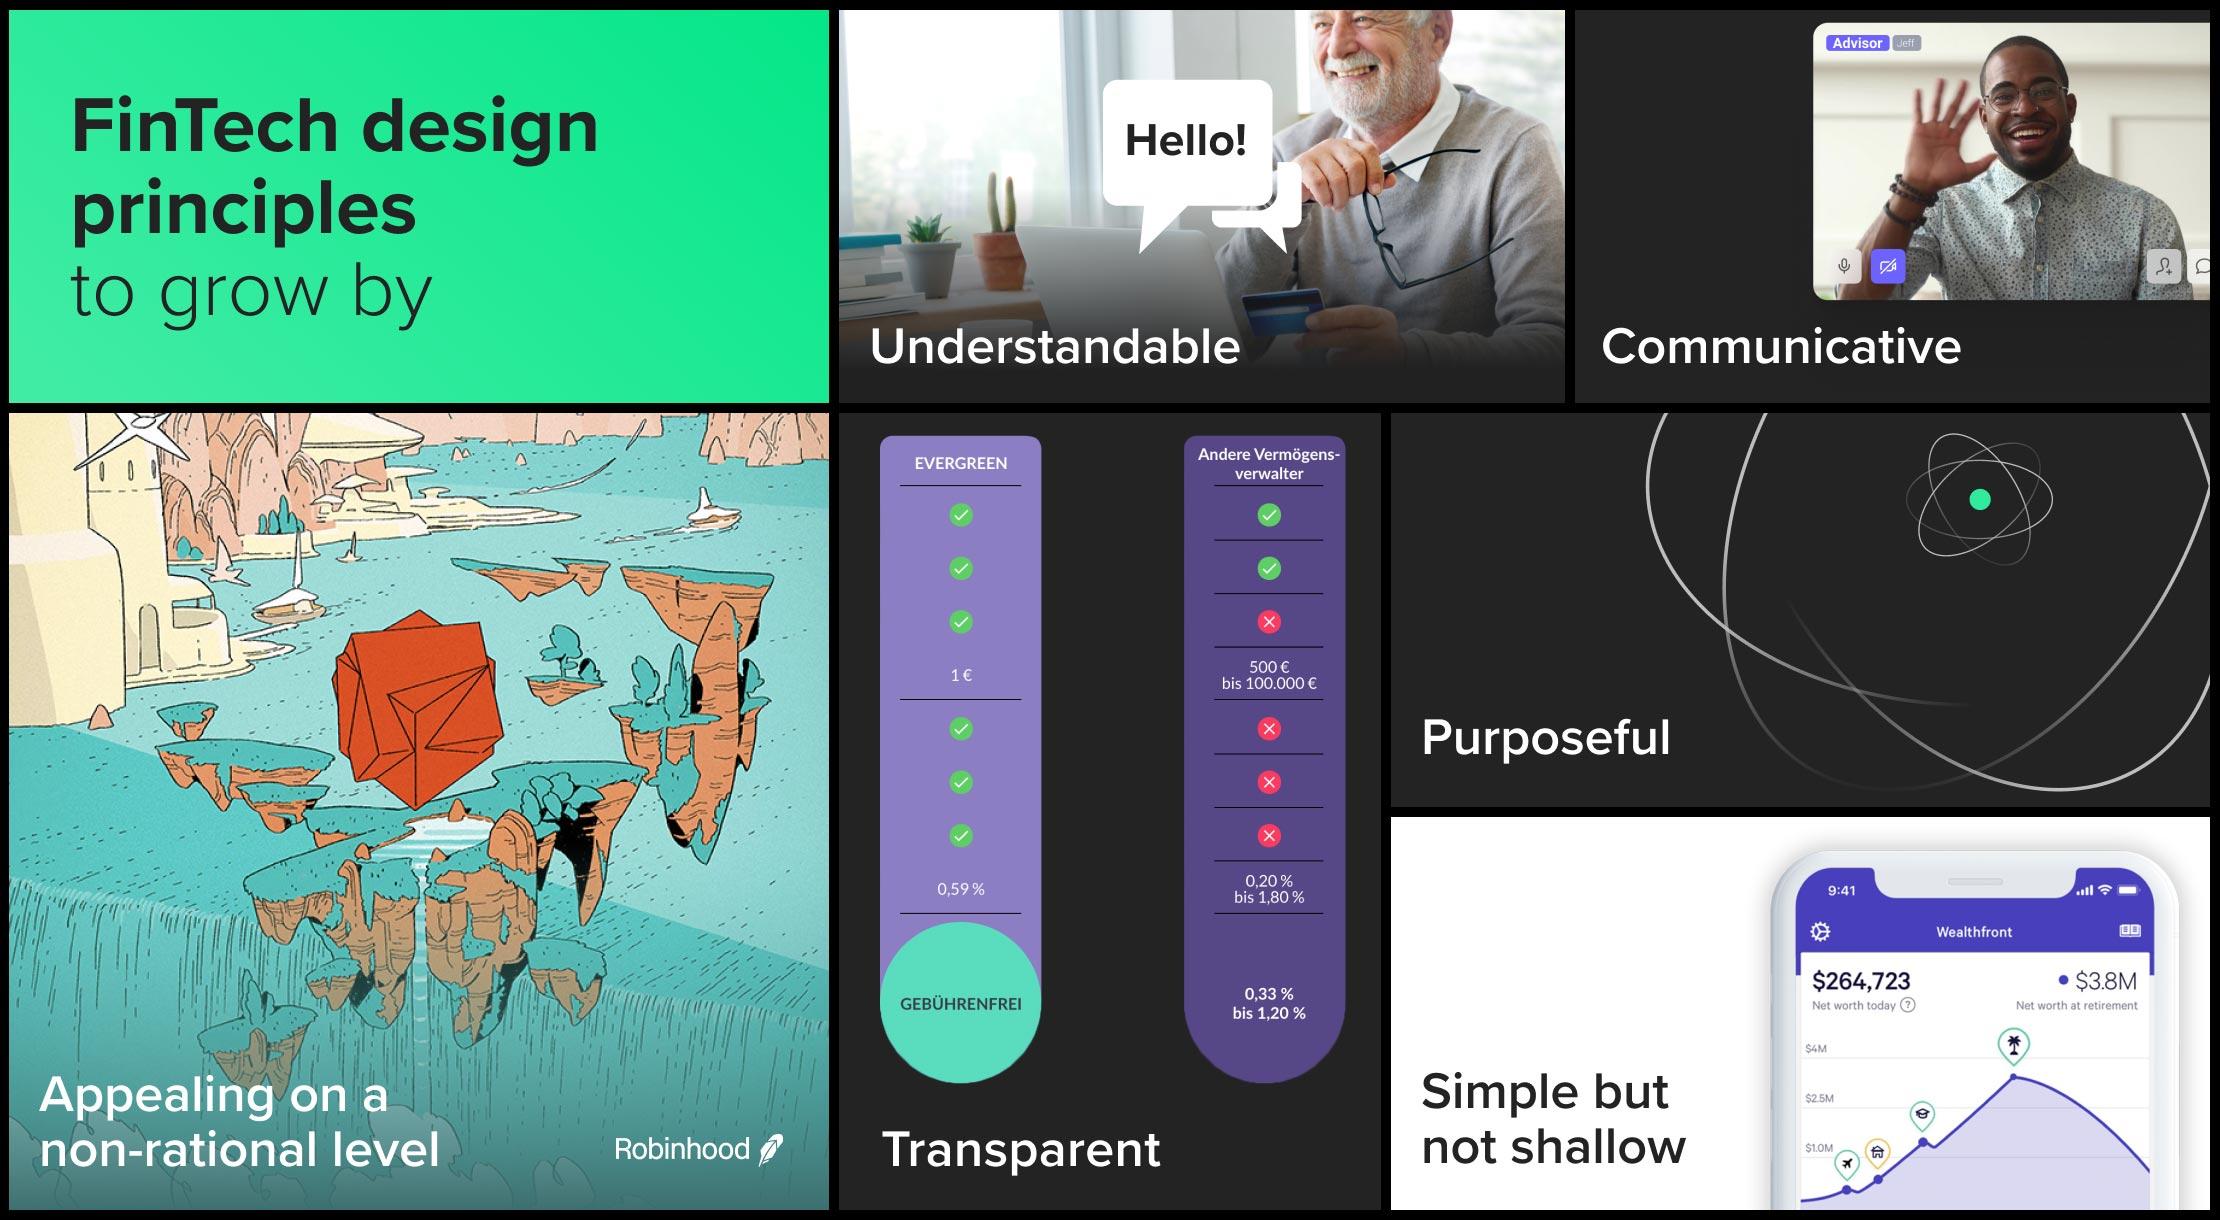 fintech design principles